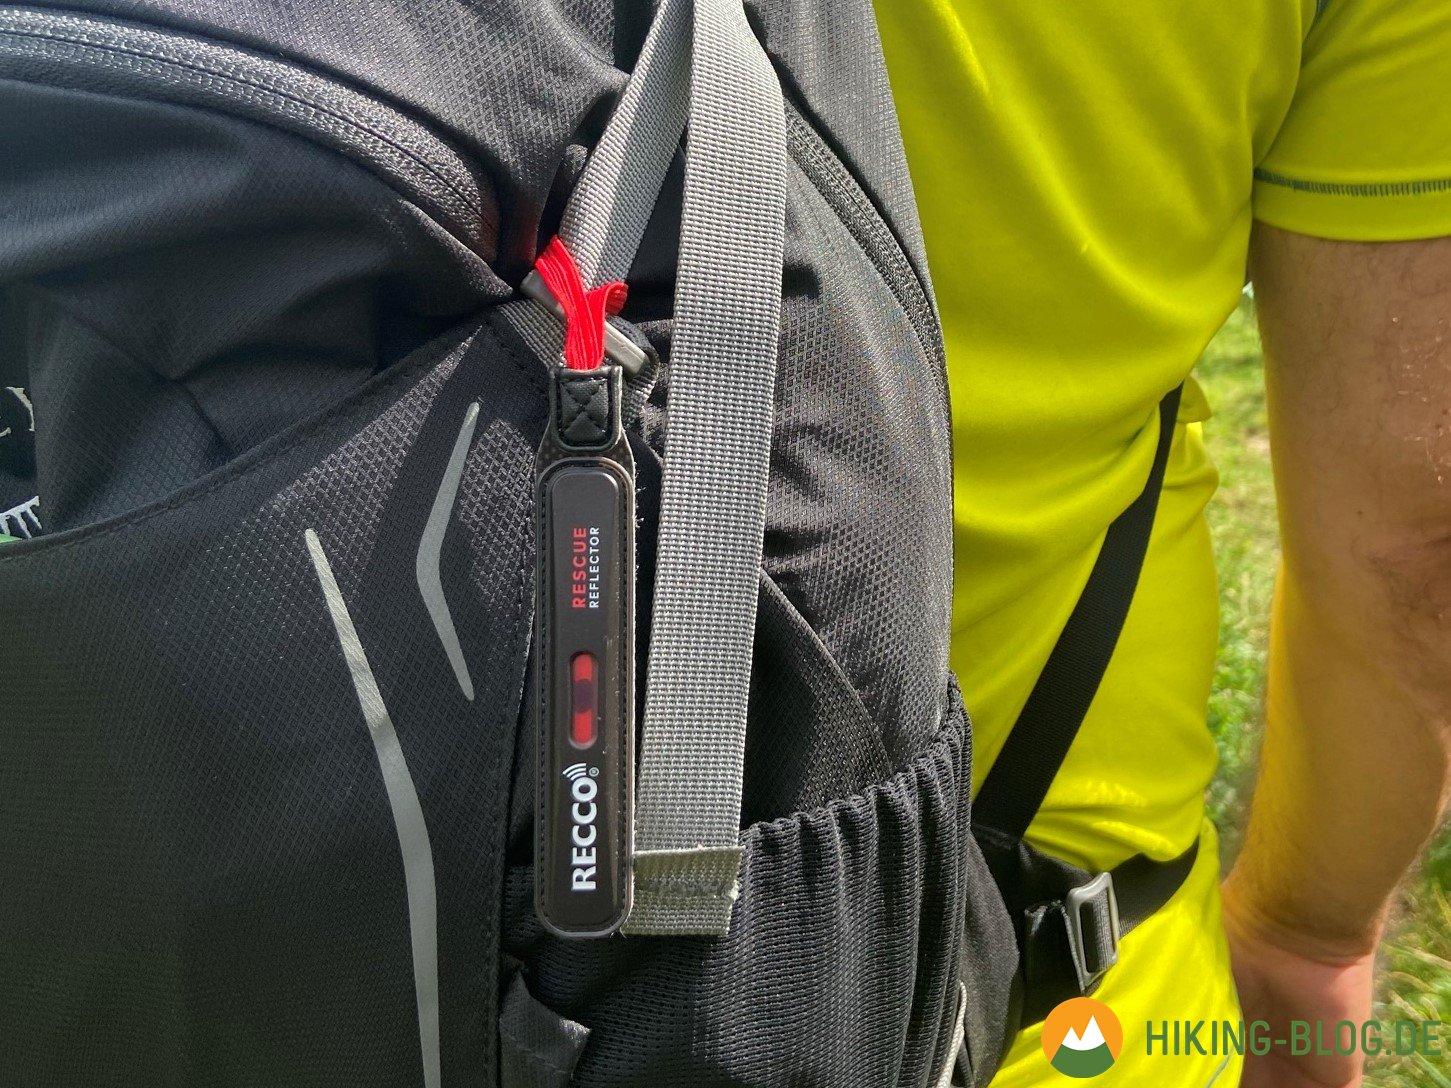 RECCO-Reflektor zum Nachrüsten am Rucksack